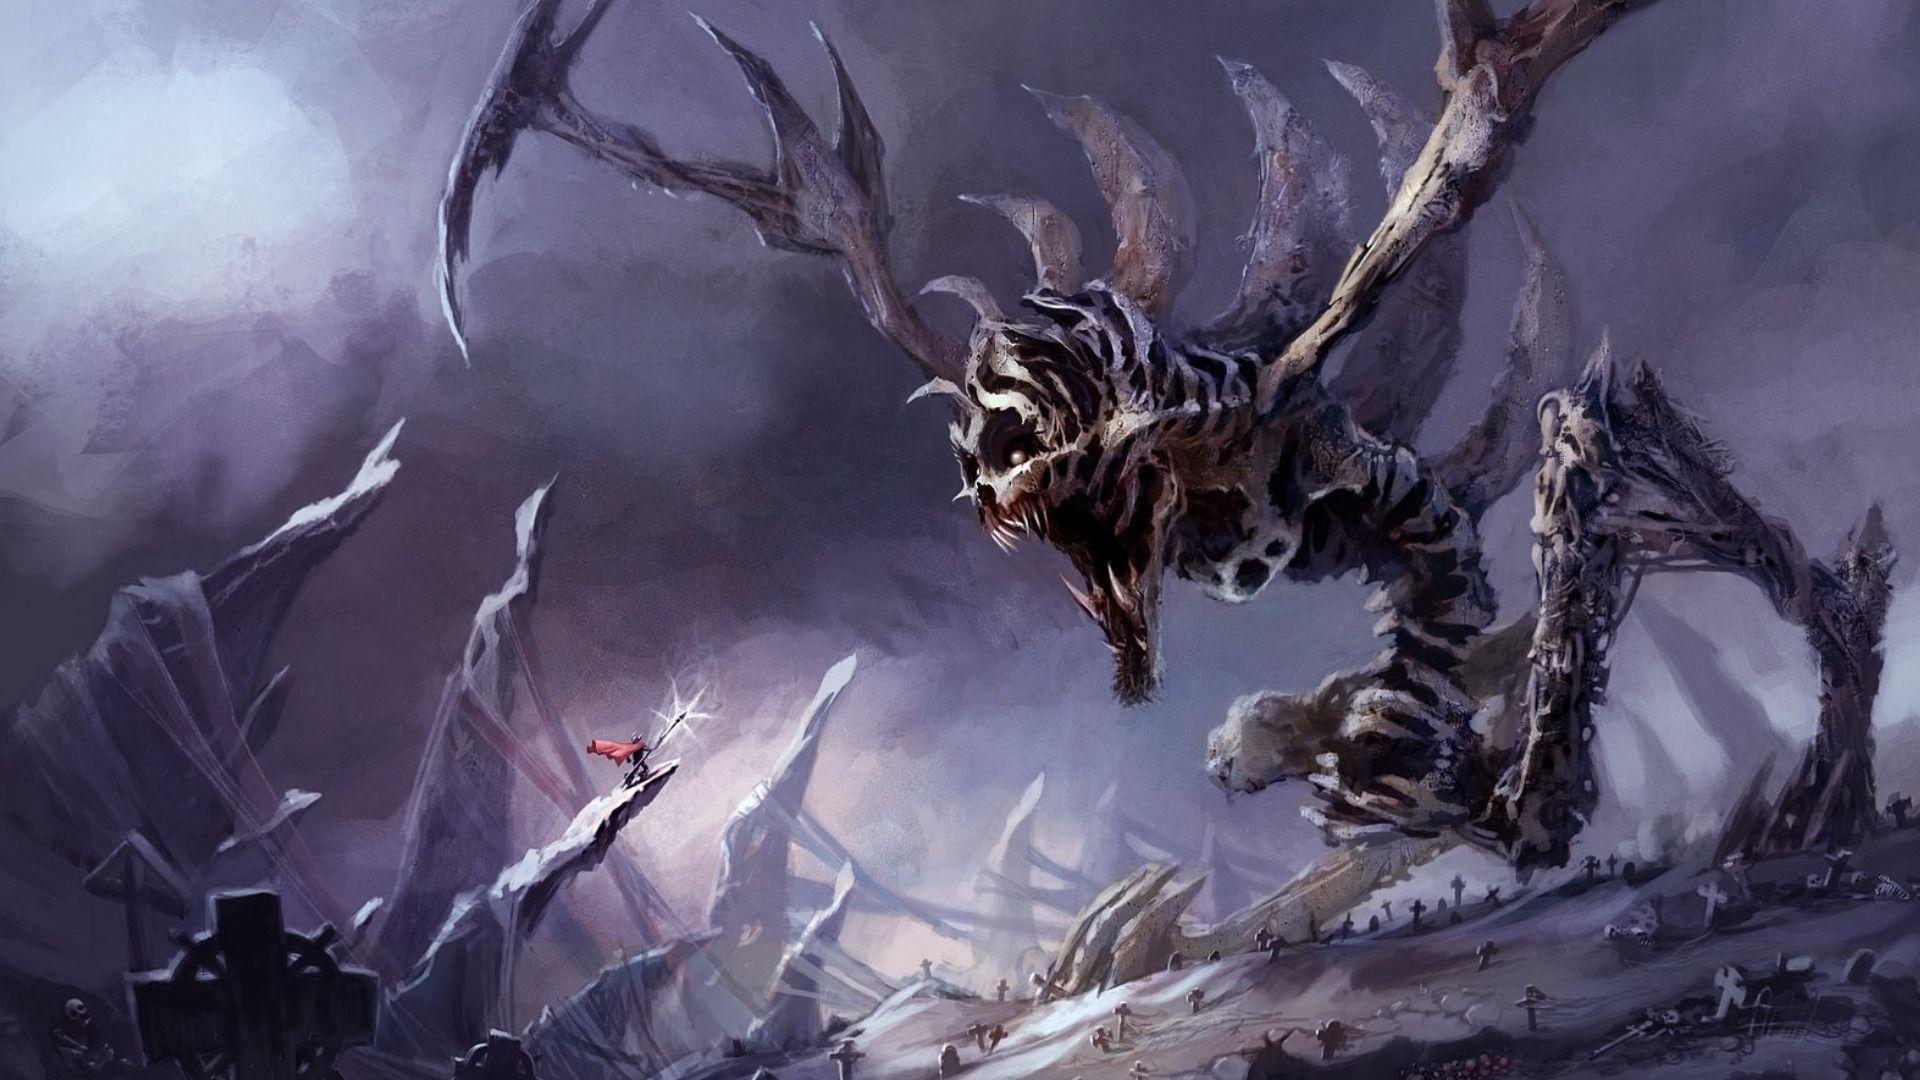 Giant Monster Wallpaper Hd Resolution Giant Monsters Fantasy Battle Wallpaper